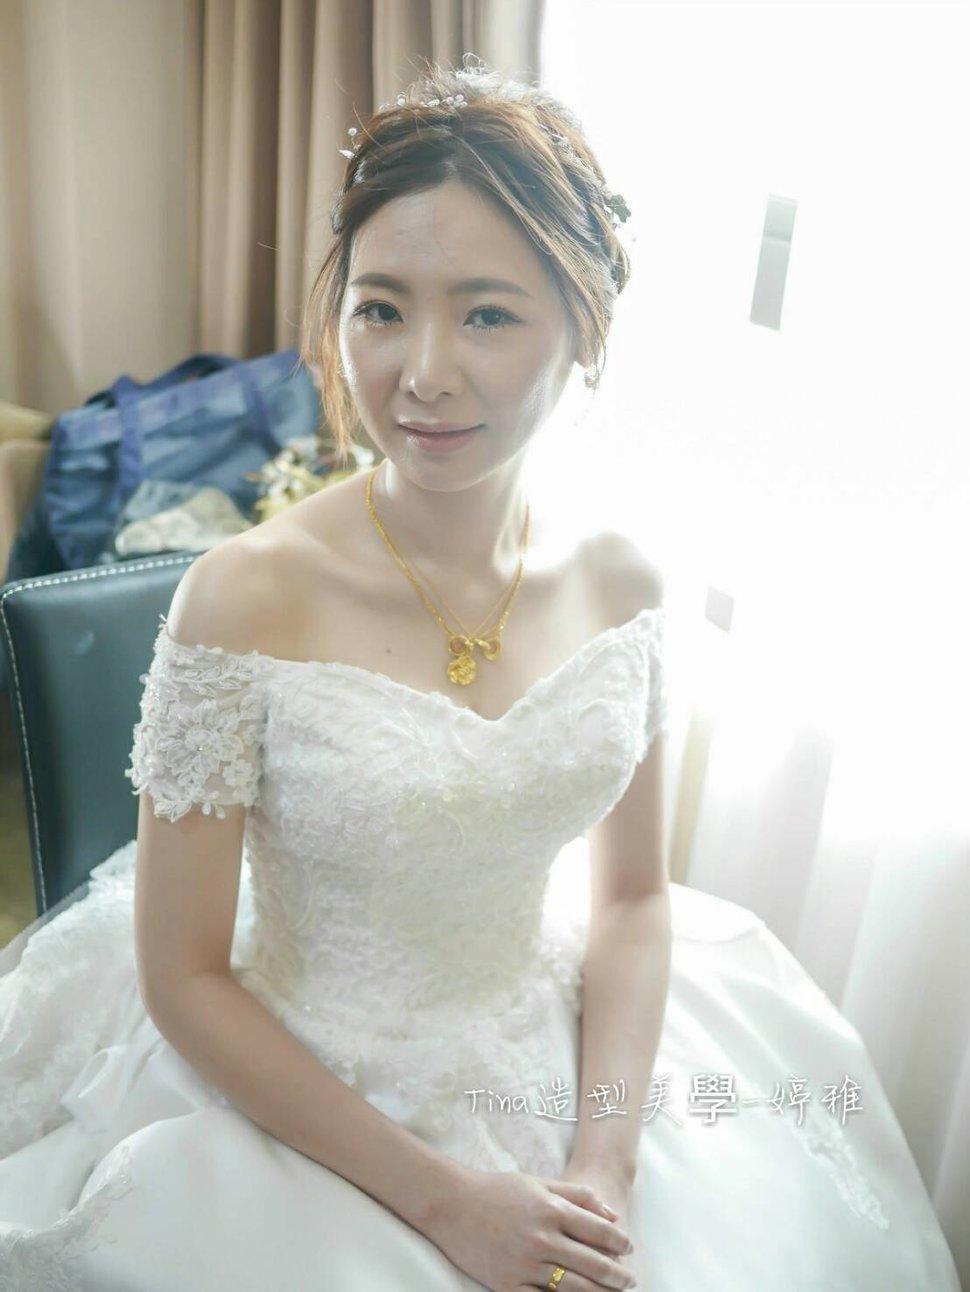 586854 - 雲林新秘/嘉義新娘秘書/Tina造型美學《結婚吧》